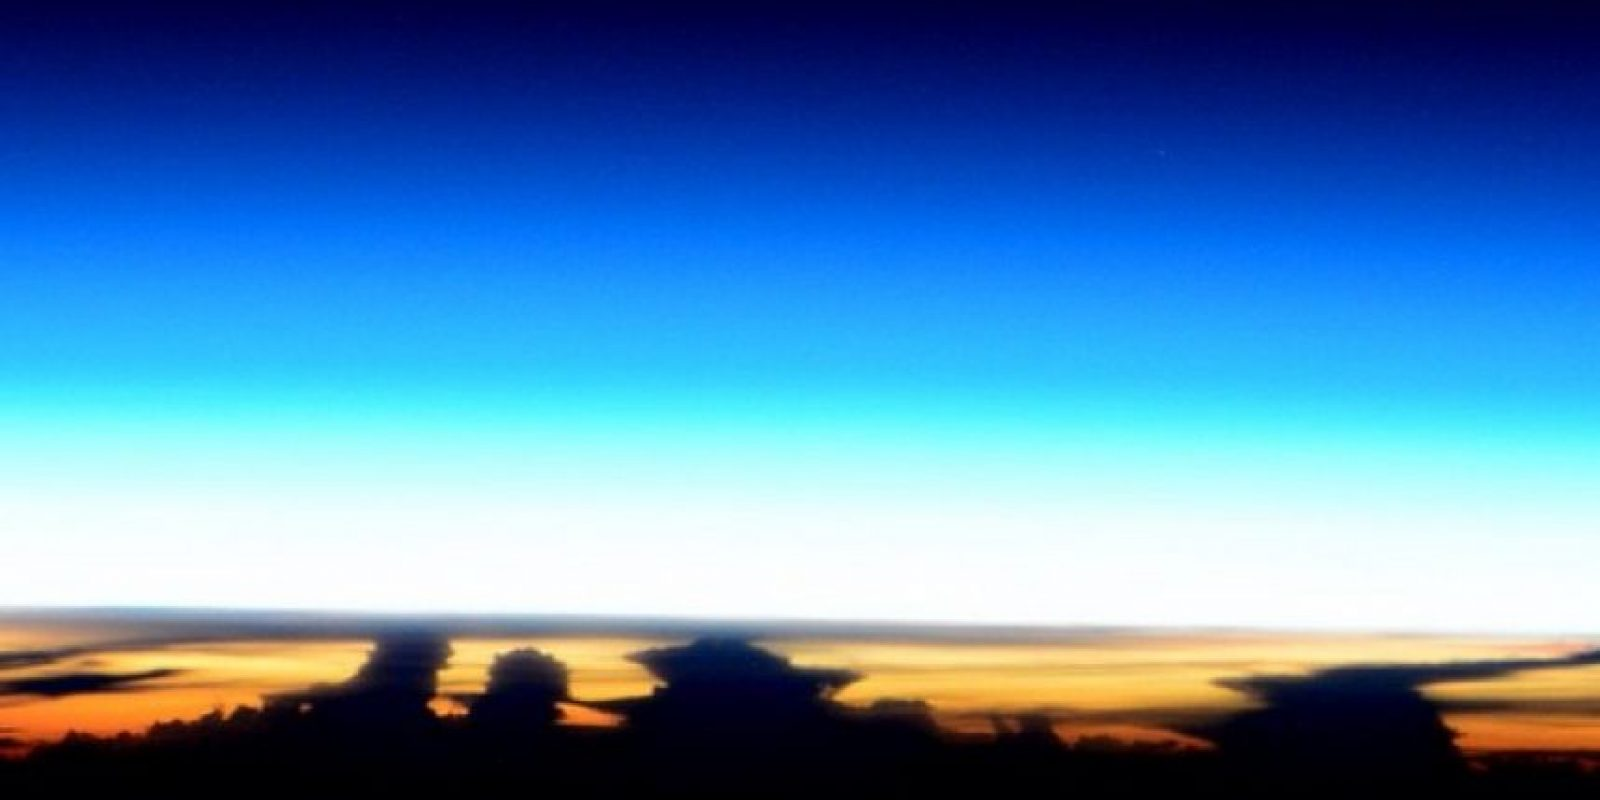 Los astronautas Terry Virts y Samantha Cristoforetti se encuentran en la Estación Espacial Internacional. Foto:Vía Instagram.com/astro_terry